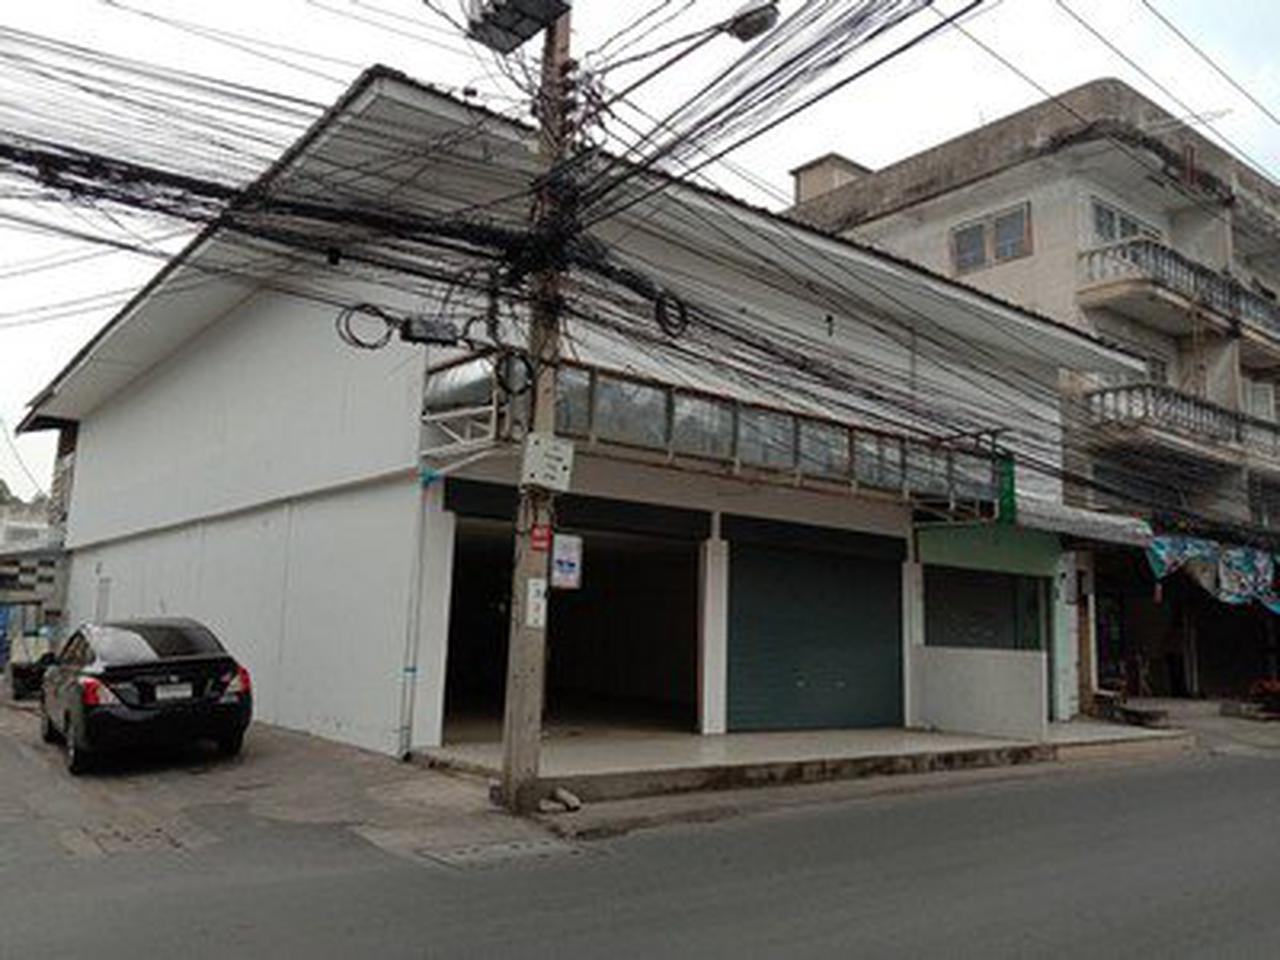 ให้เช่าอาคารพาณิชย์ 4 คูหา  2 ชั้น ถนนพหลโยธิน54/1 รูปที่ 3